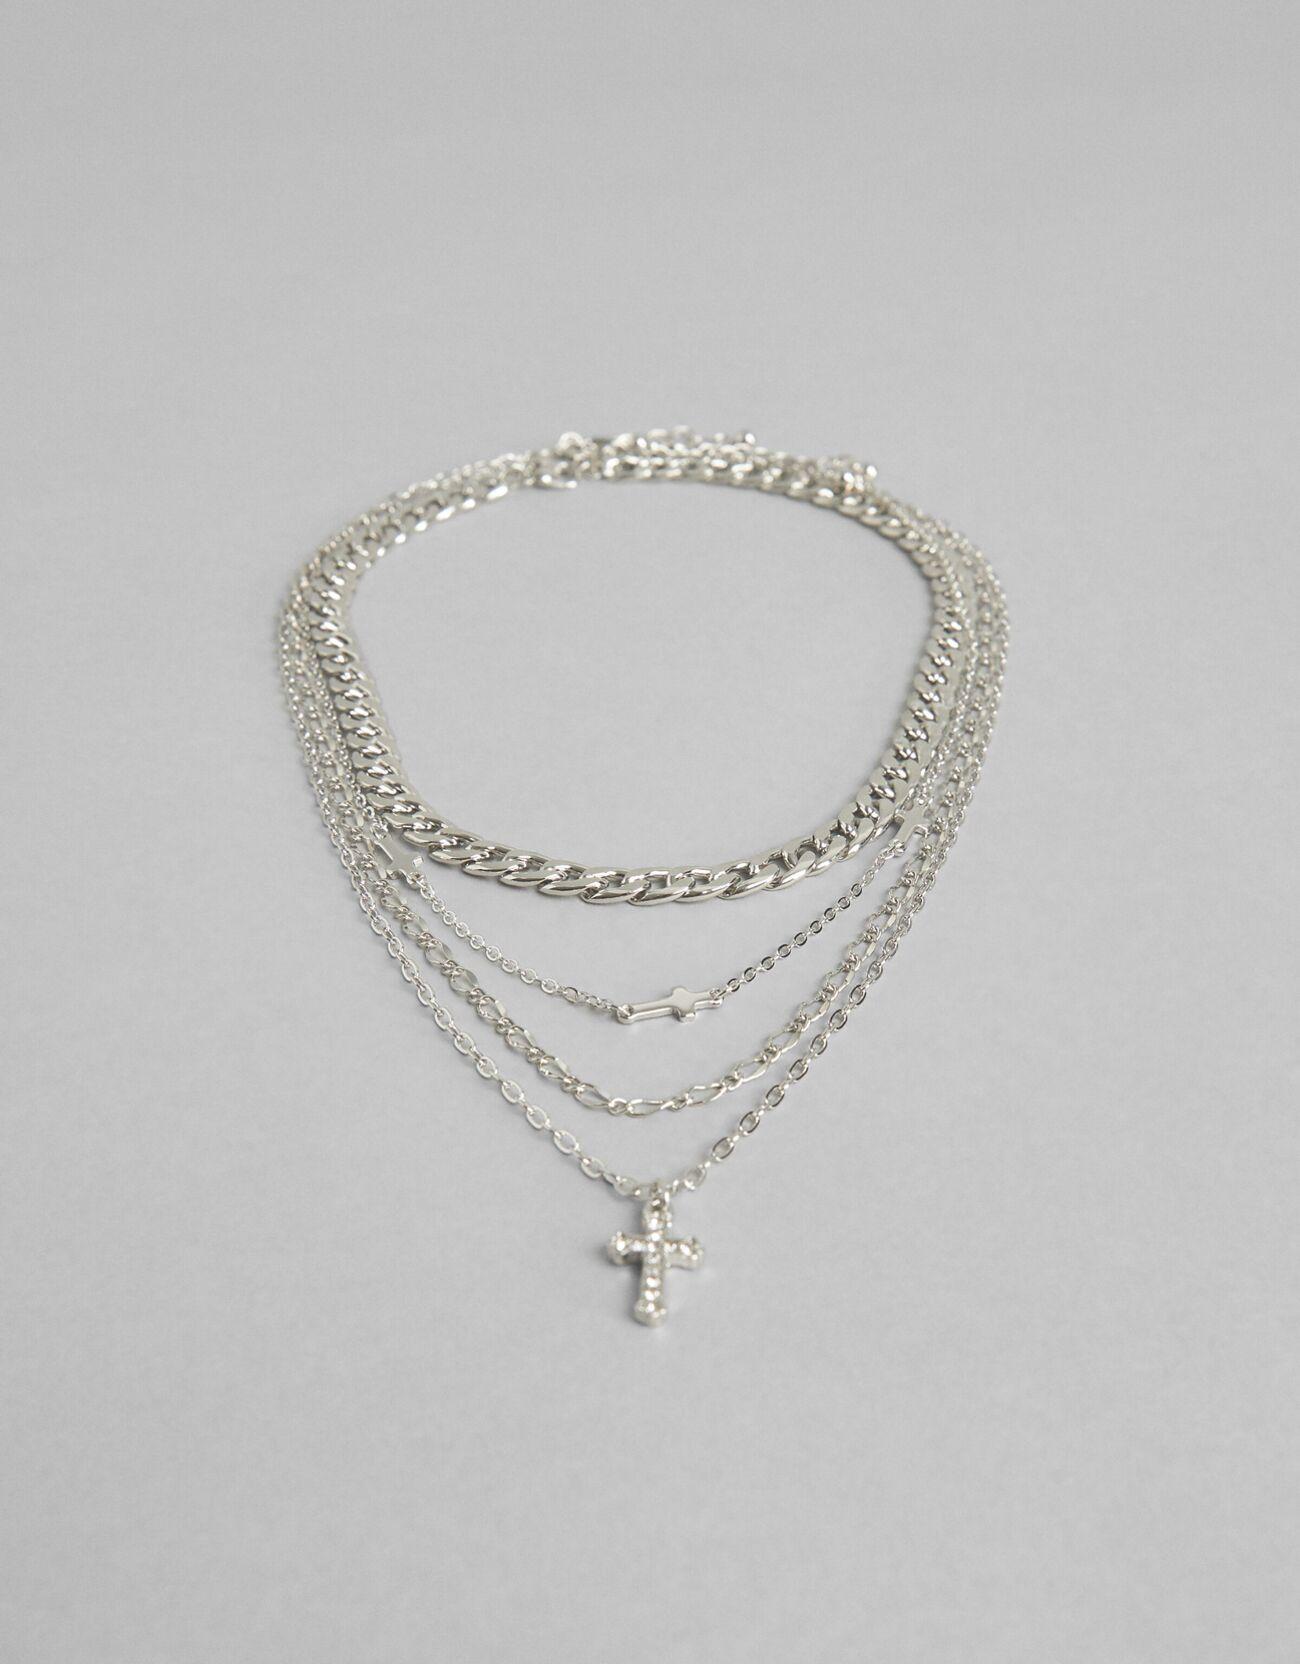 Bershka 4'Lü Sembollü Kolye Seti Kadın Gümüş